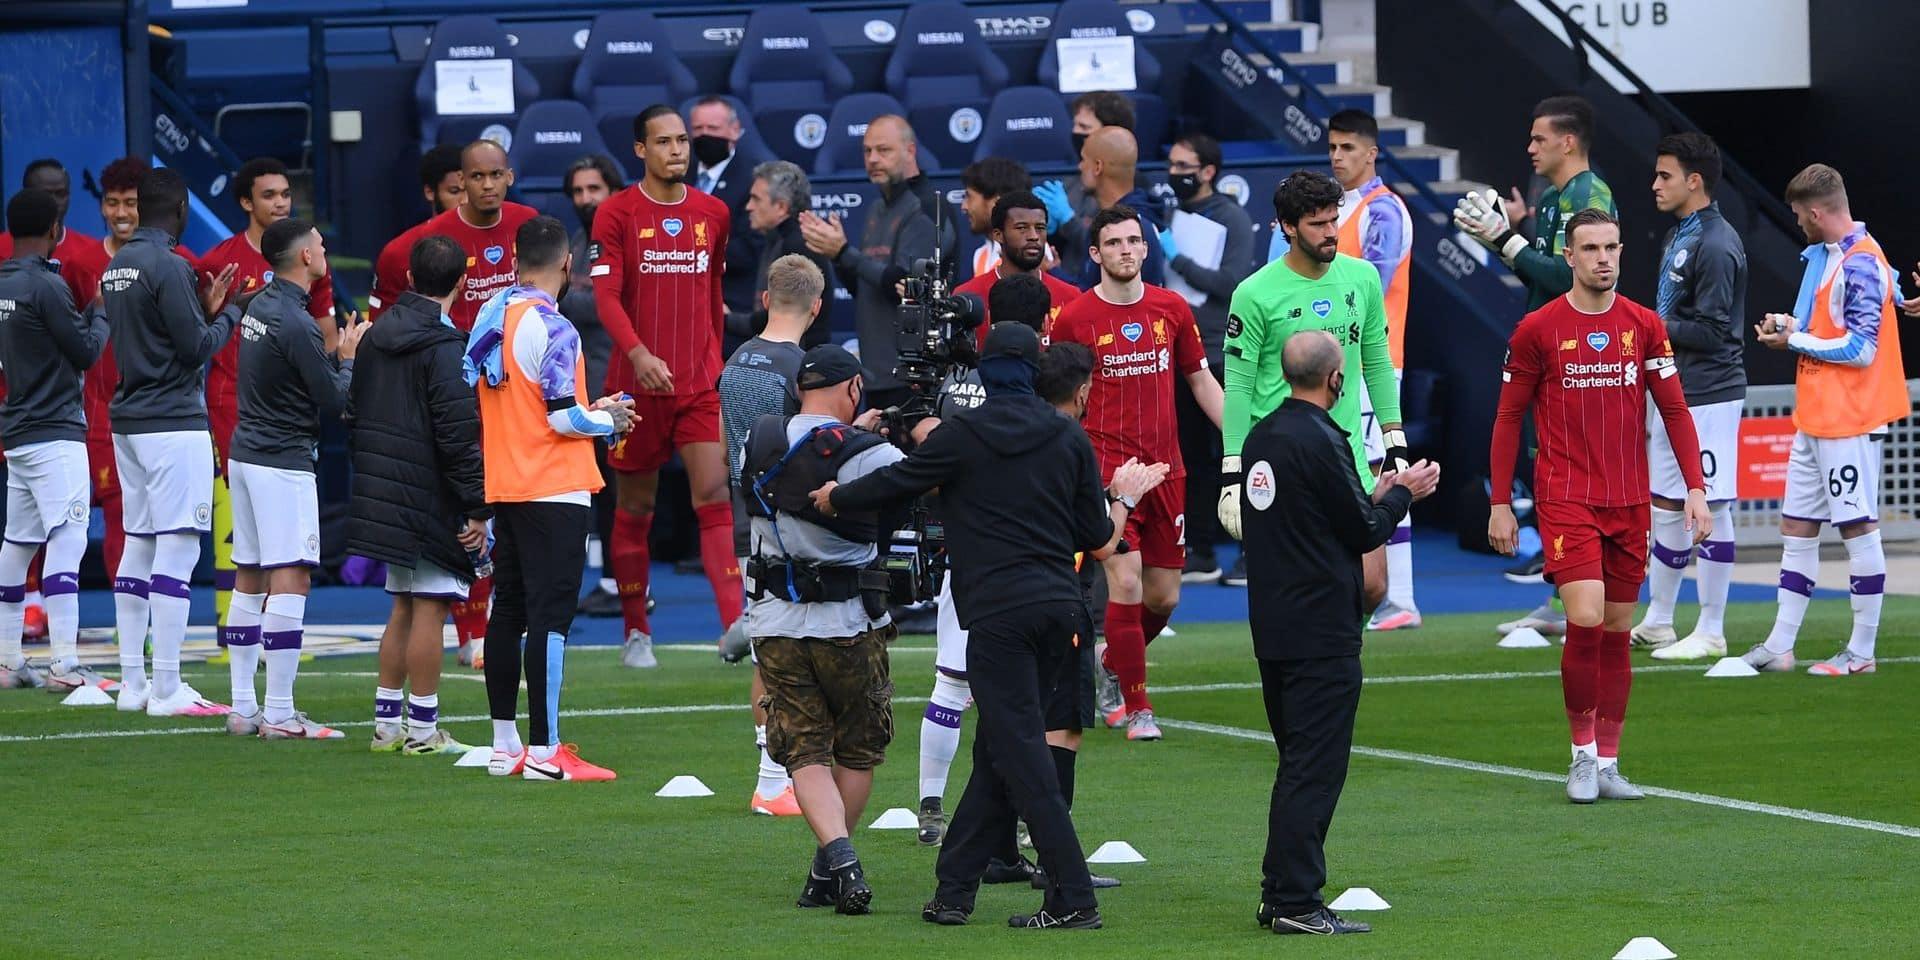 Kevin De Bruyne et ses coéquipiers ont applaudi les Reds, mais un joueur n'en avait pas envie